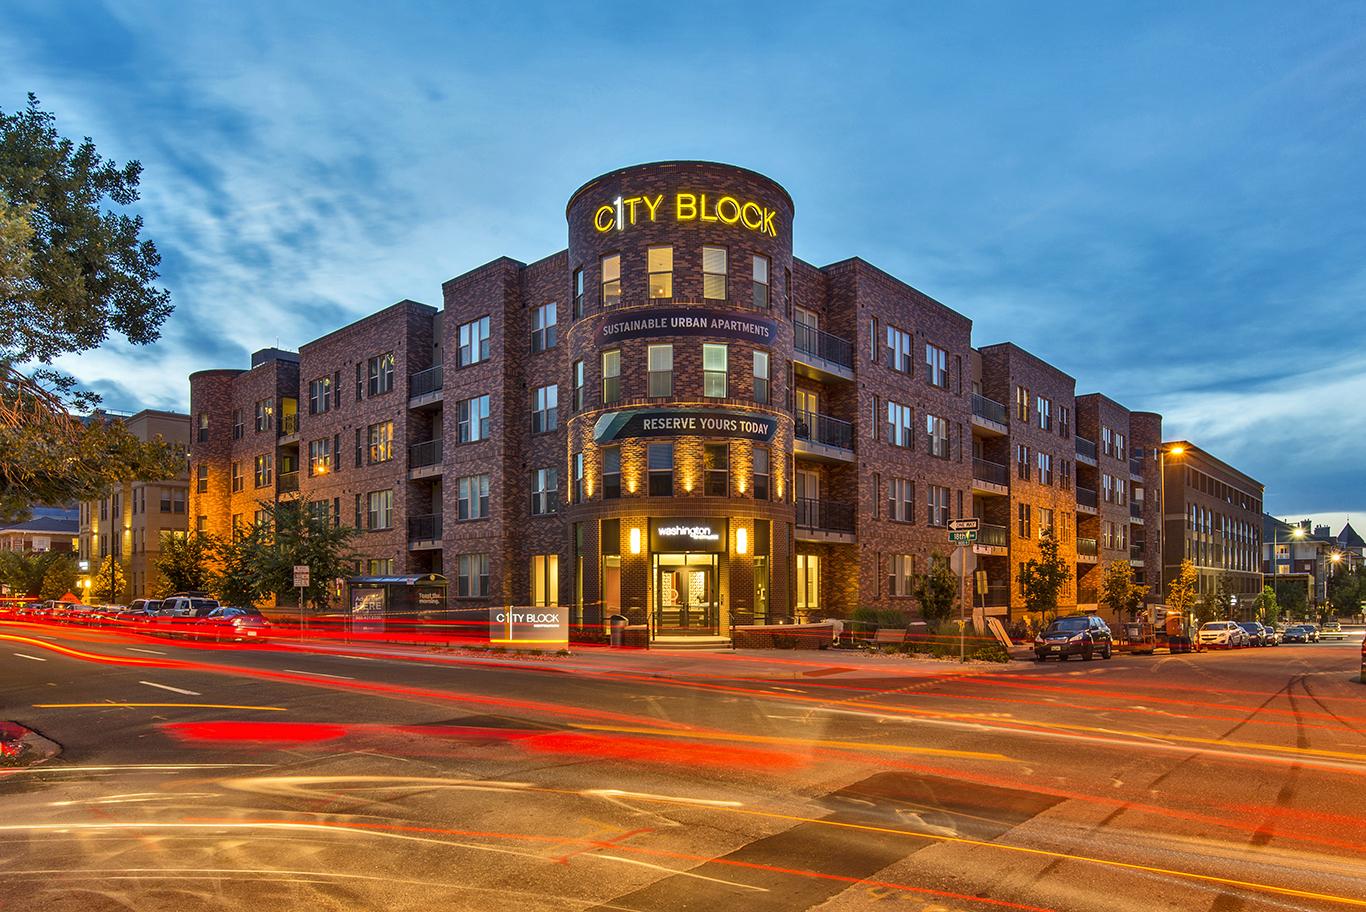 ARA a Newmark Company_One City Block_Denver CO